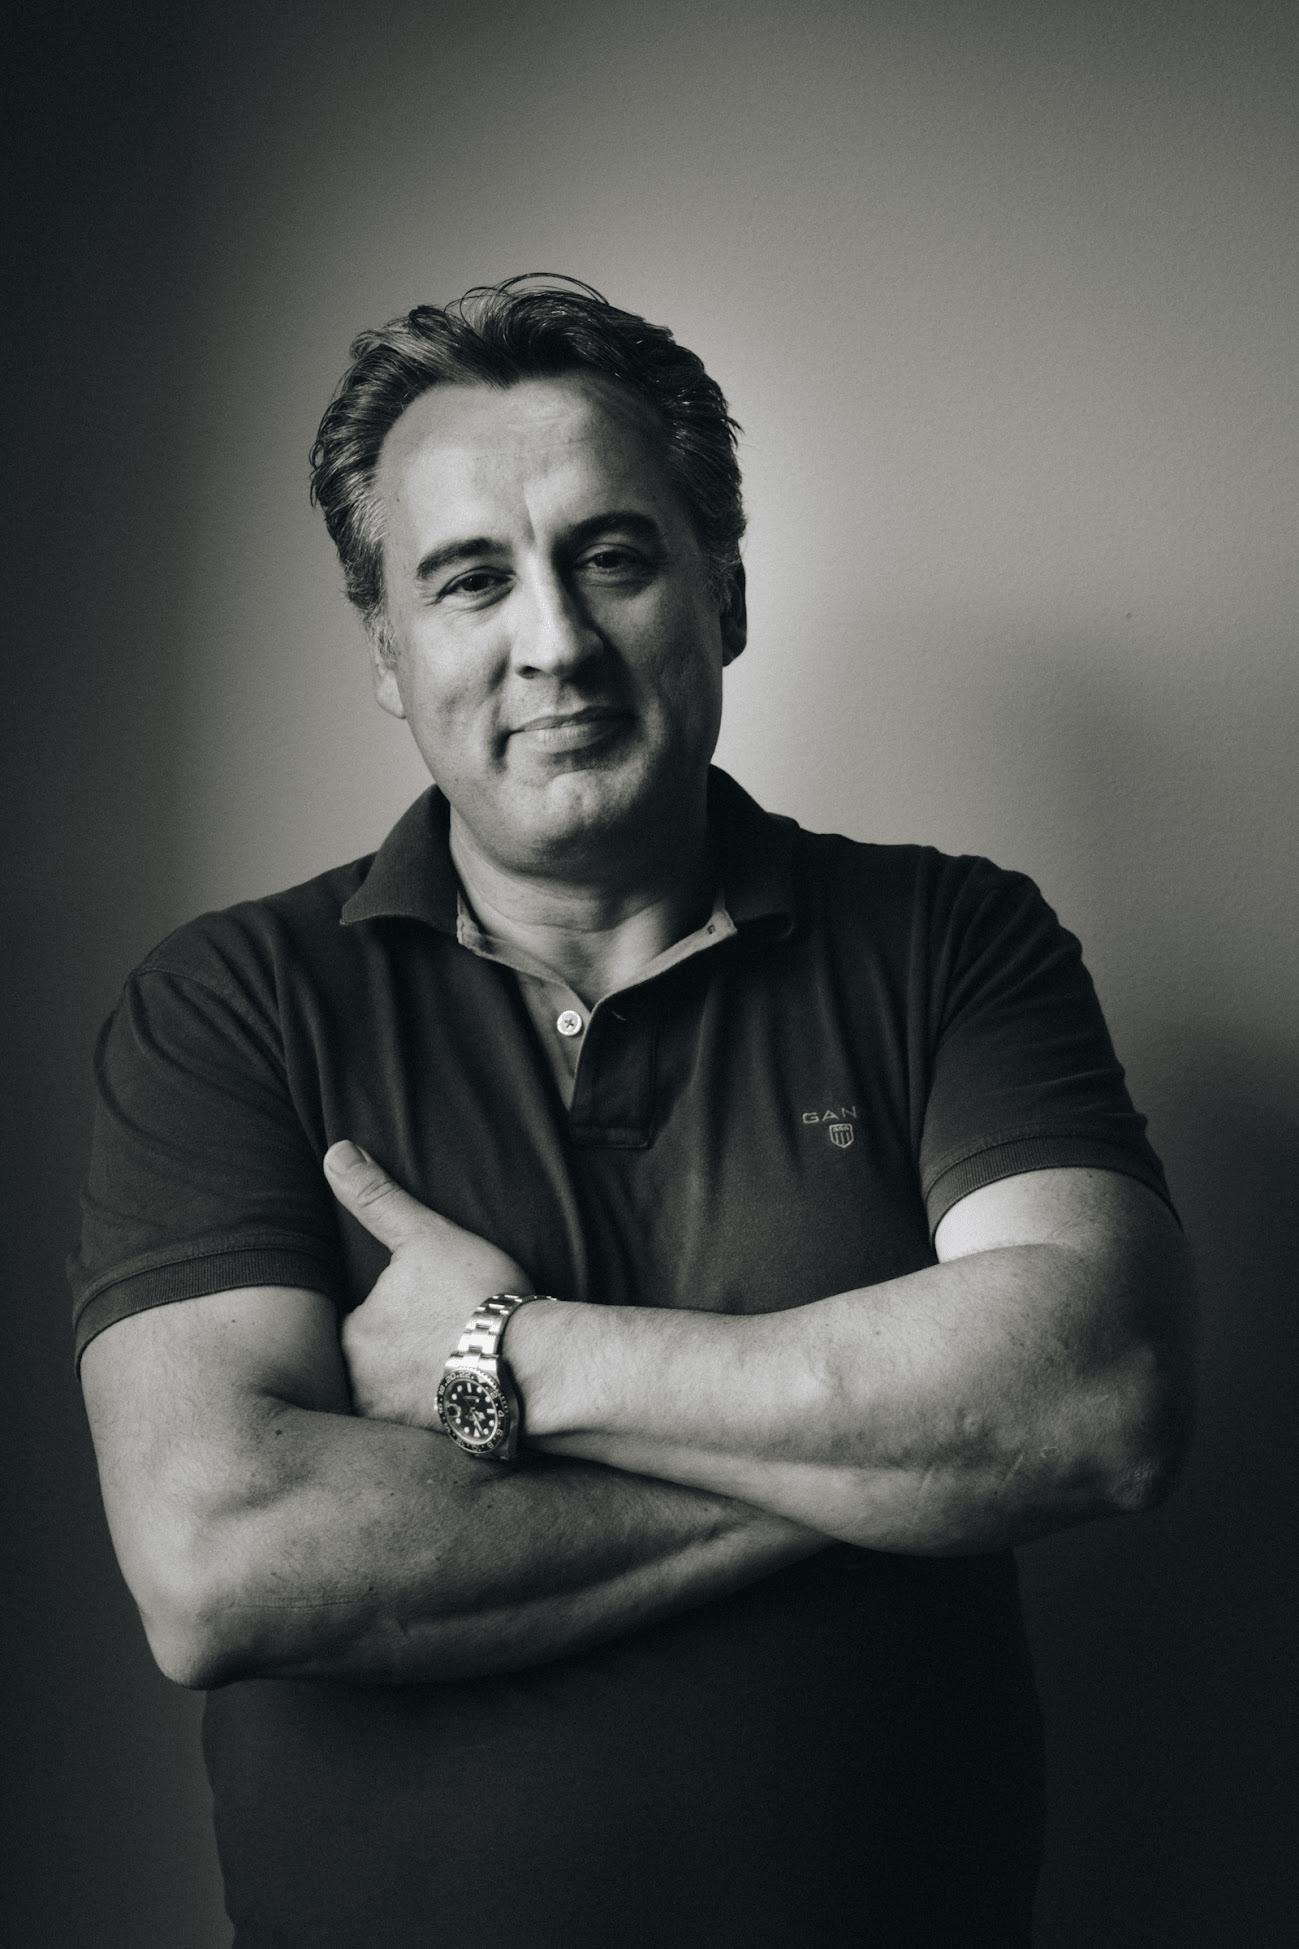 Stijn Hendrikse, Author - T2D3